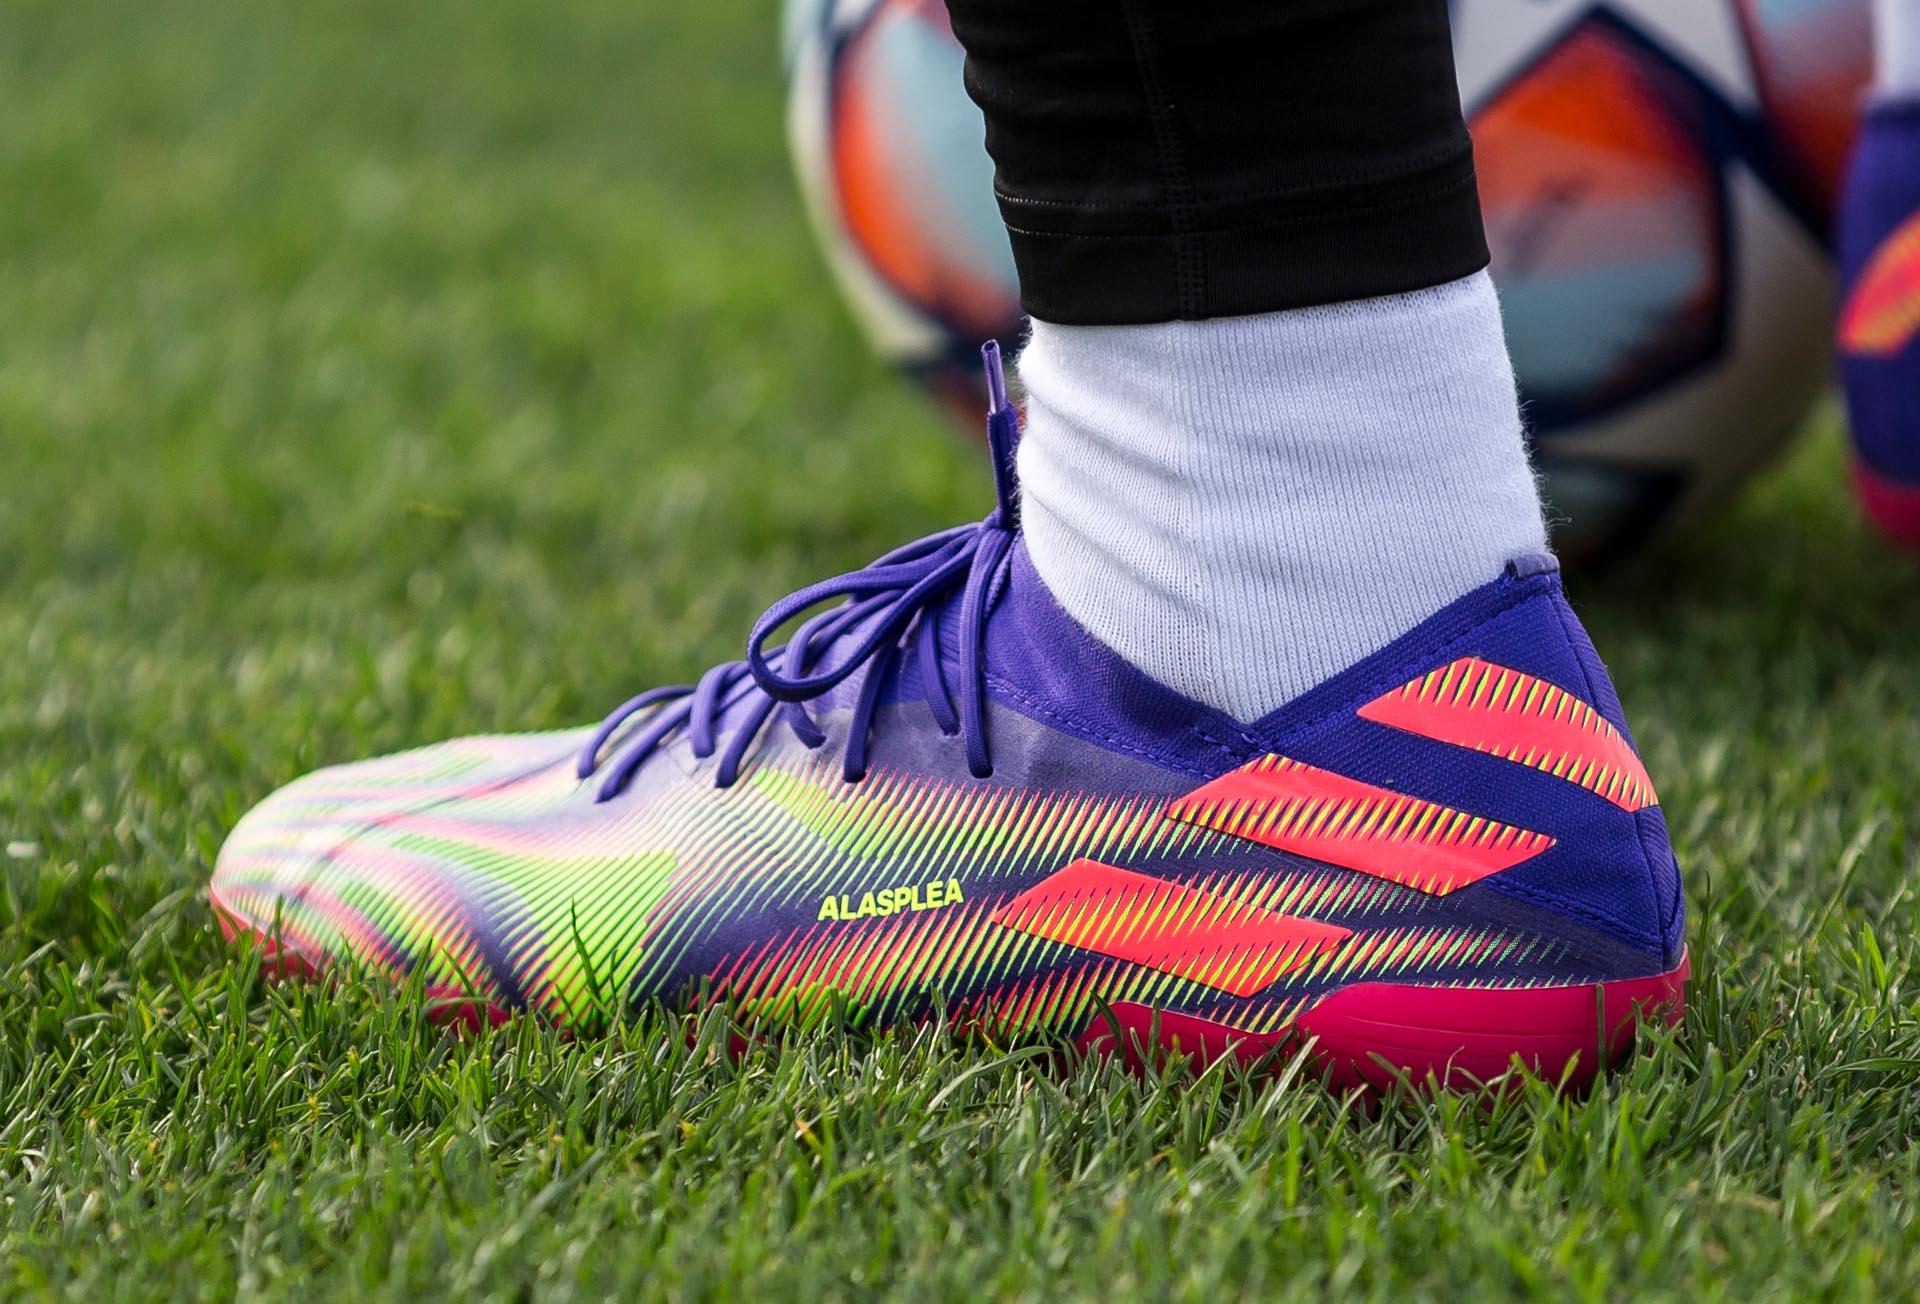 Gam màu cuối cùng của Adidas Nemeziz được ra mắt trong năm nay có thiết kế rất đẹp mắt